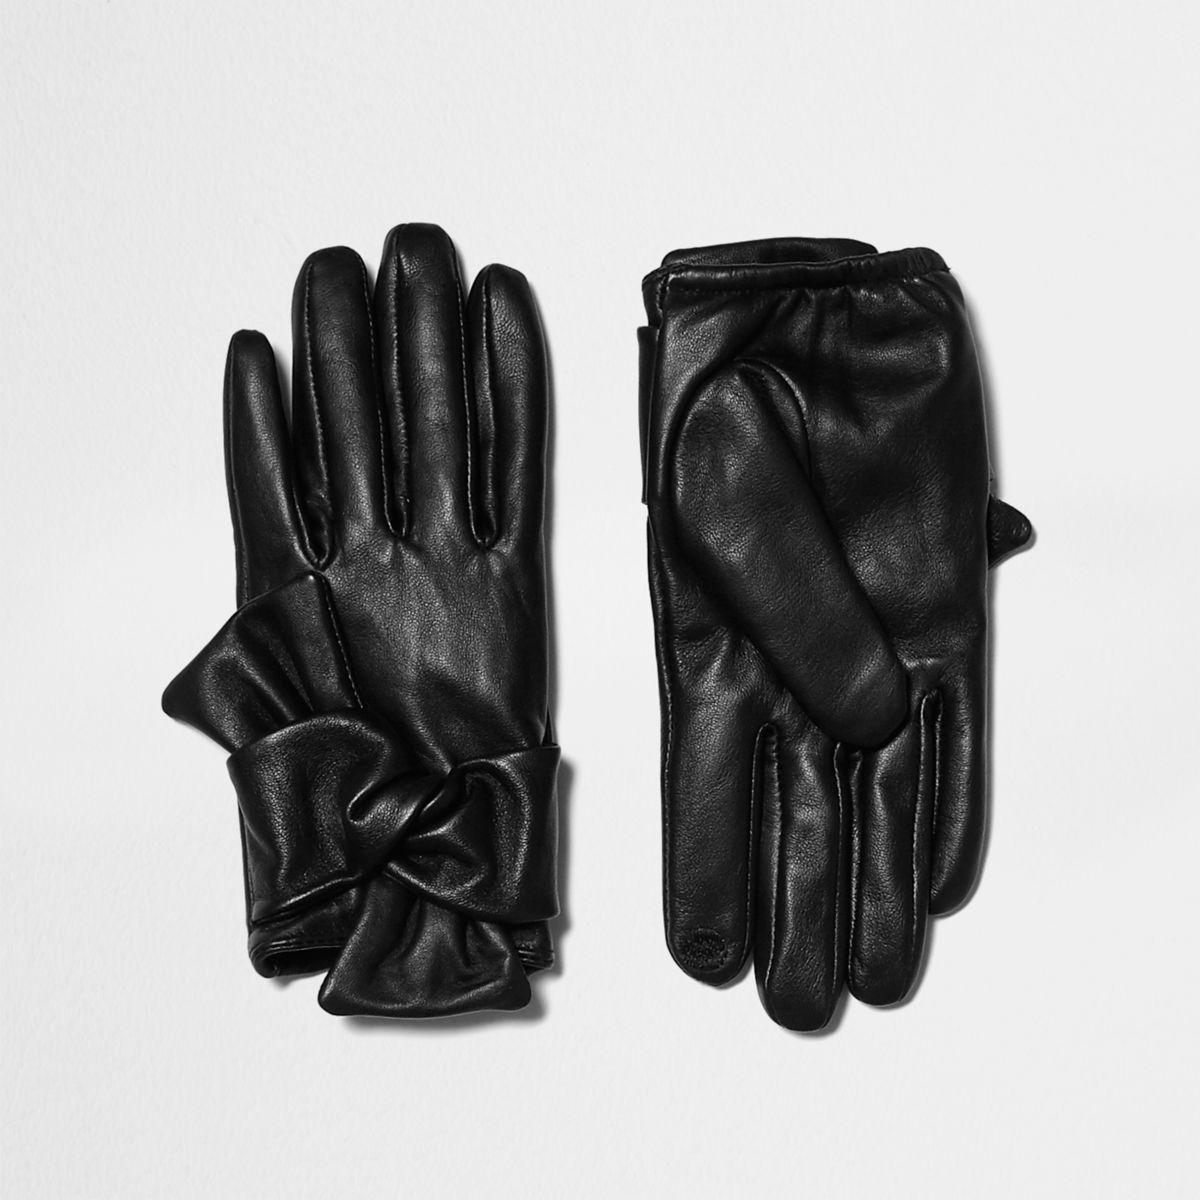 Zwarte leren rijhandschoenen met strik